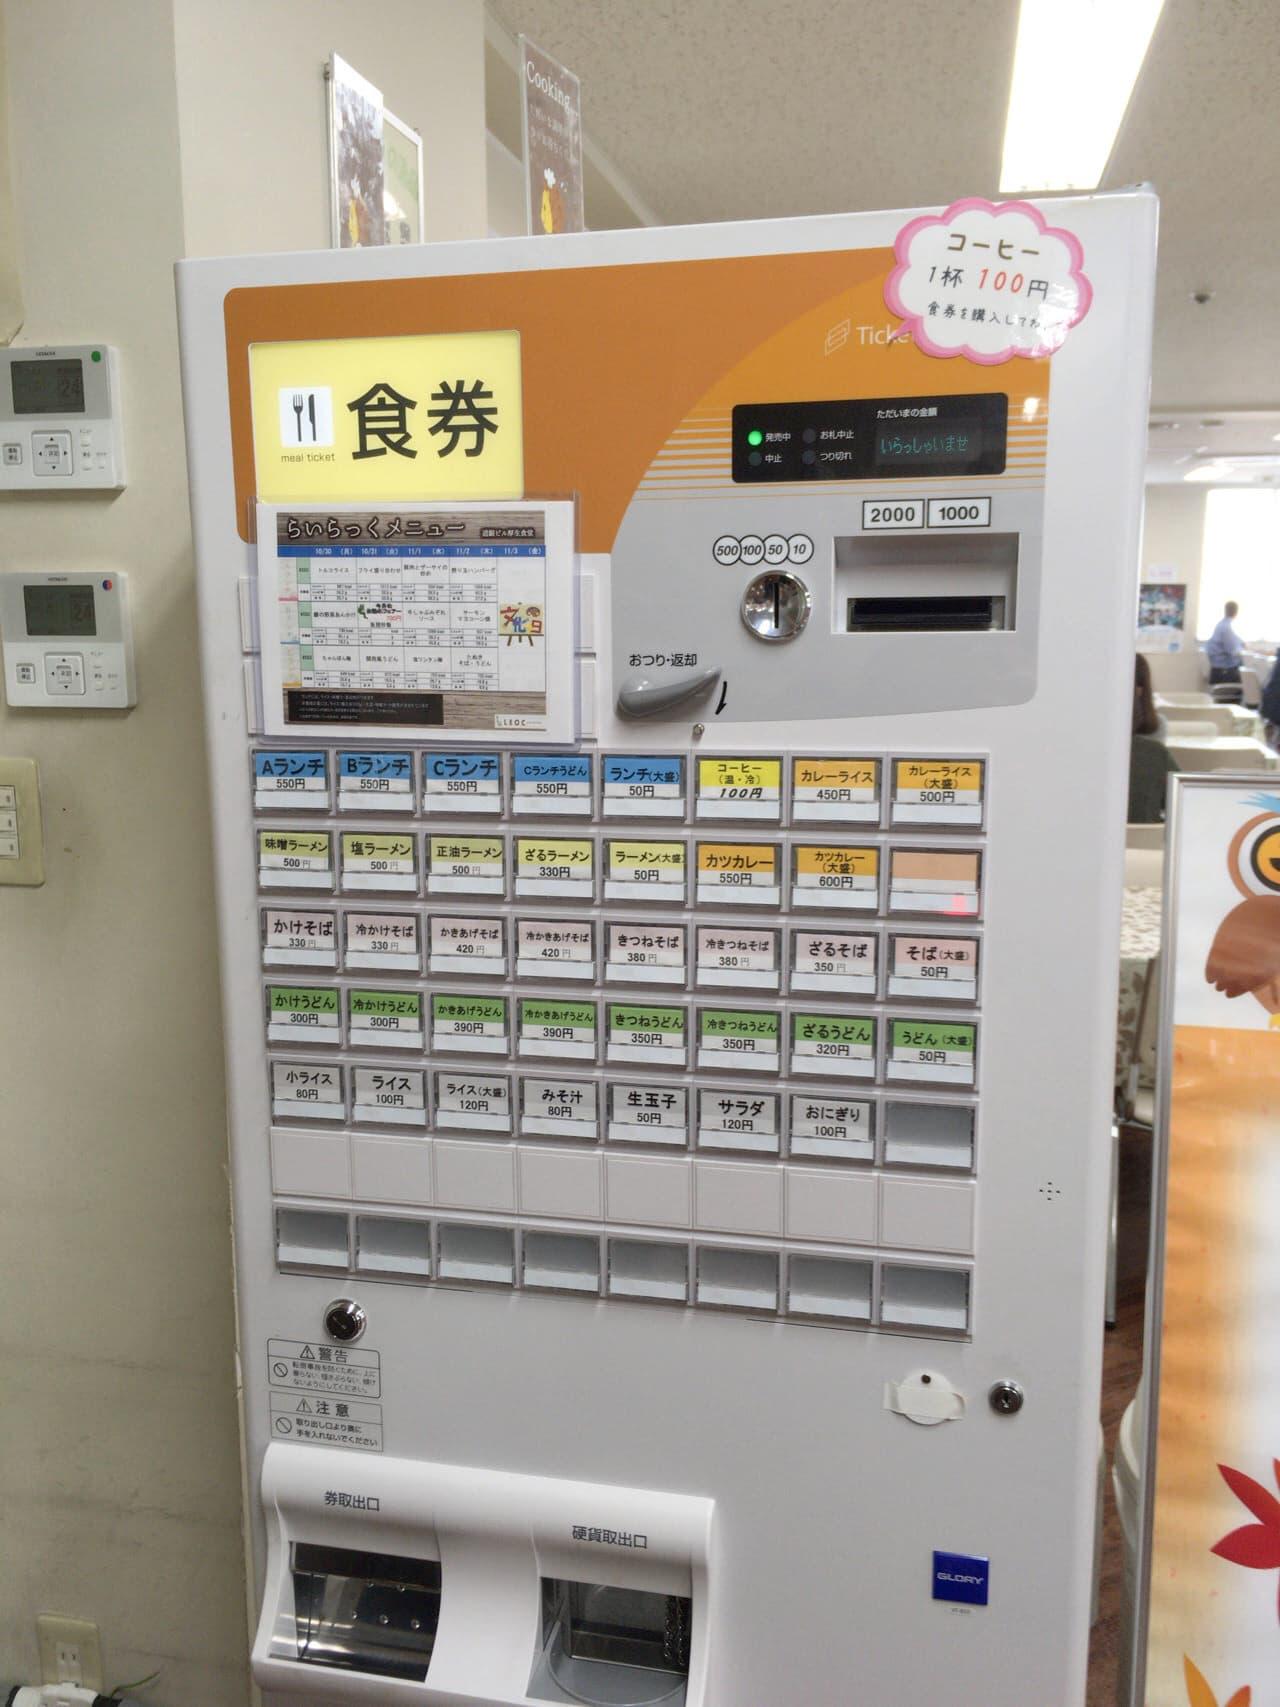 北海道銀行 食堂食券機